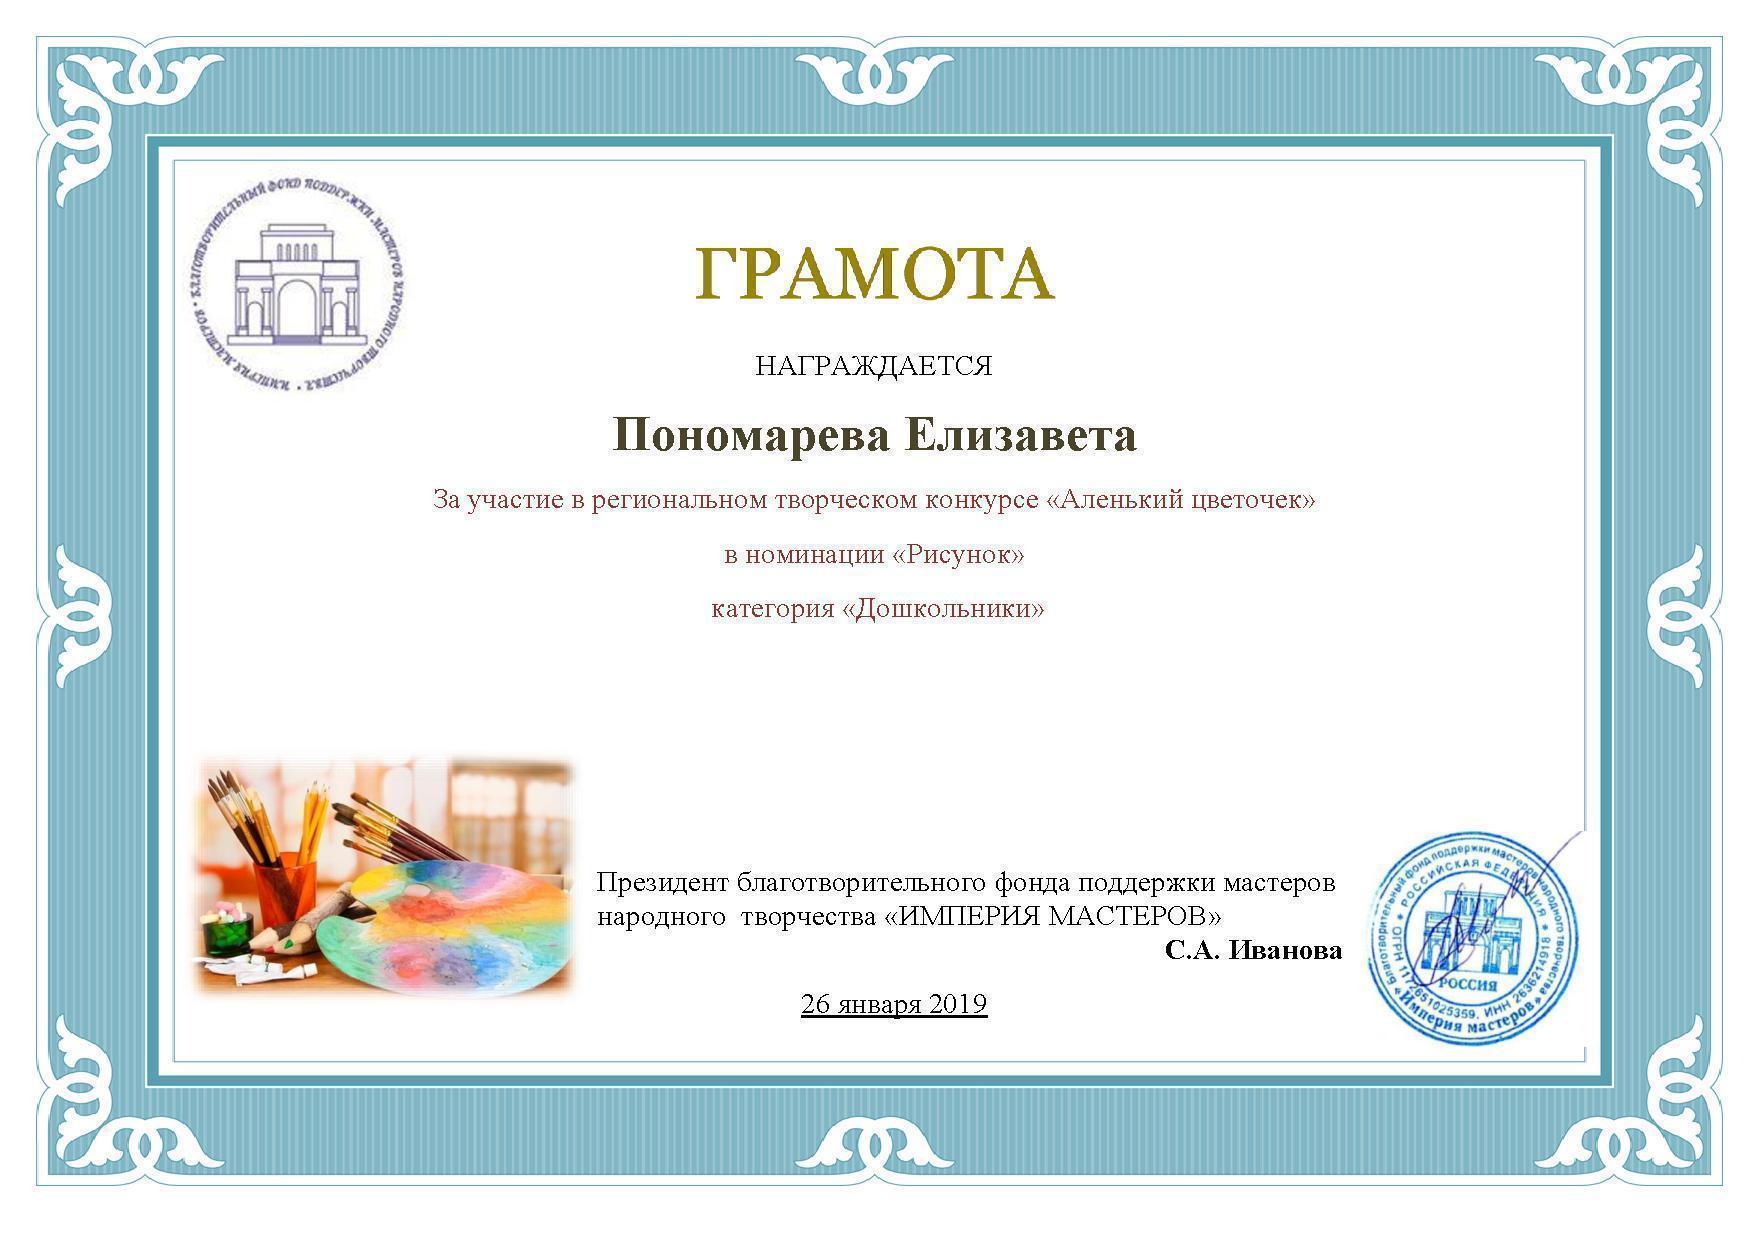 Пономарева Елизавета